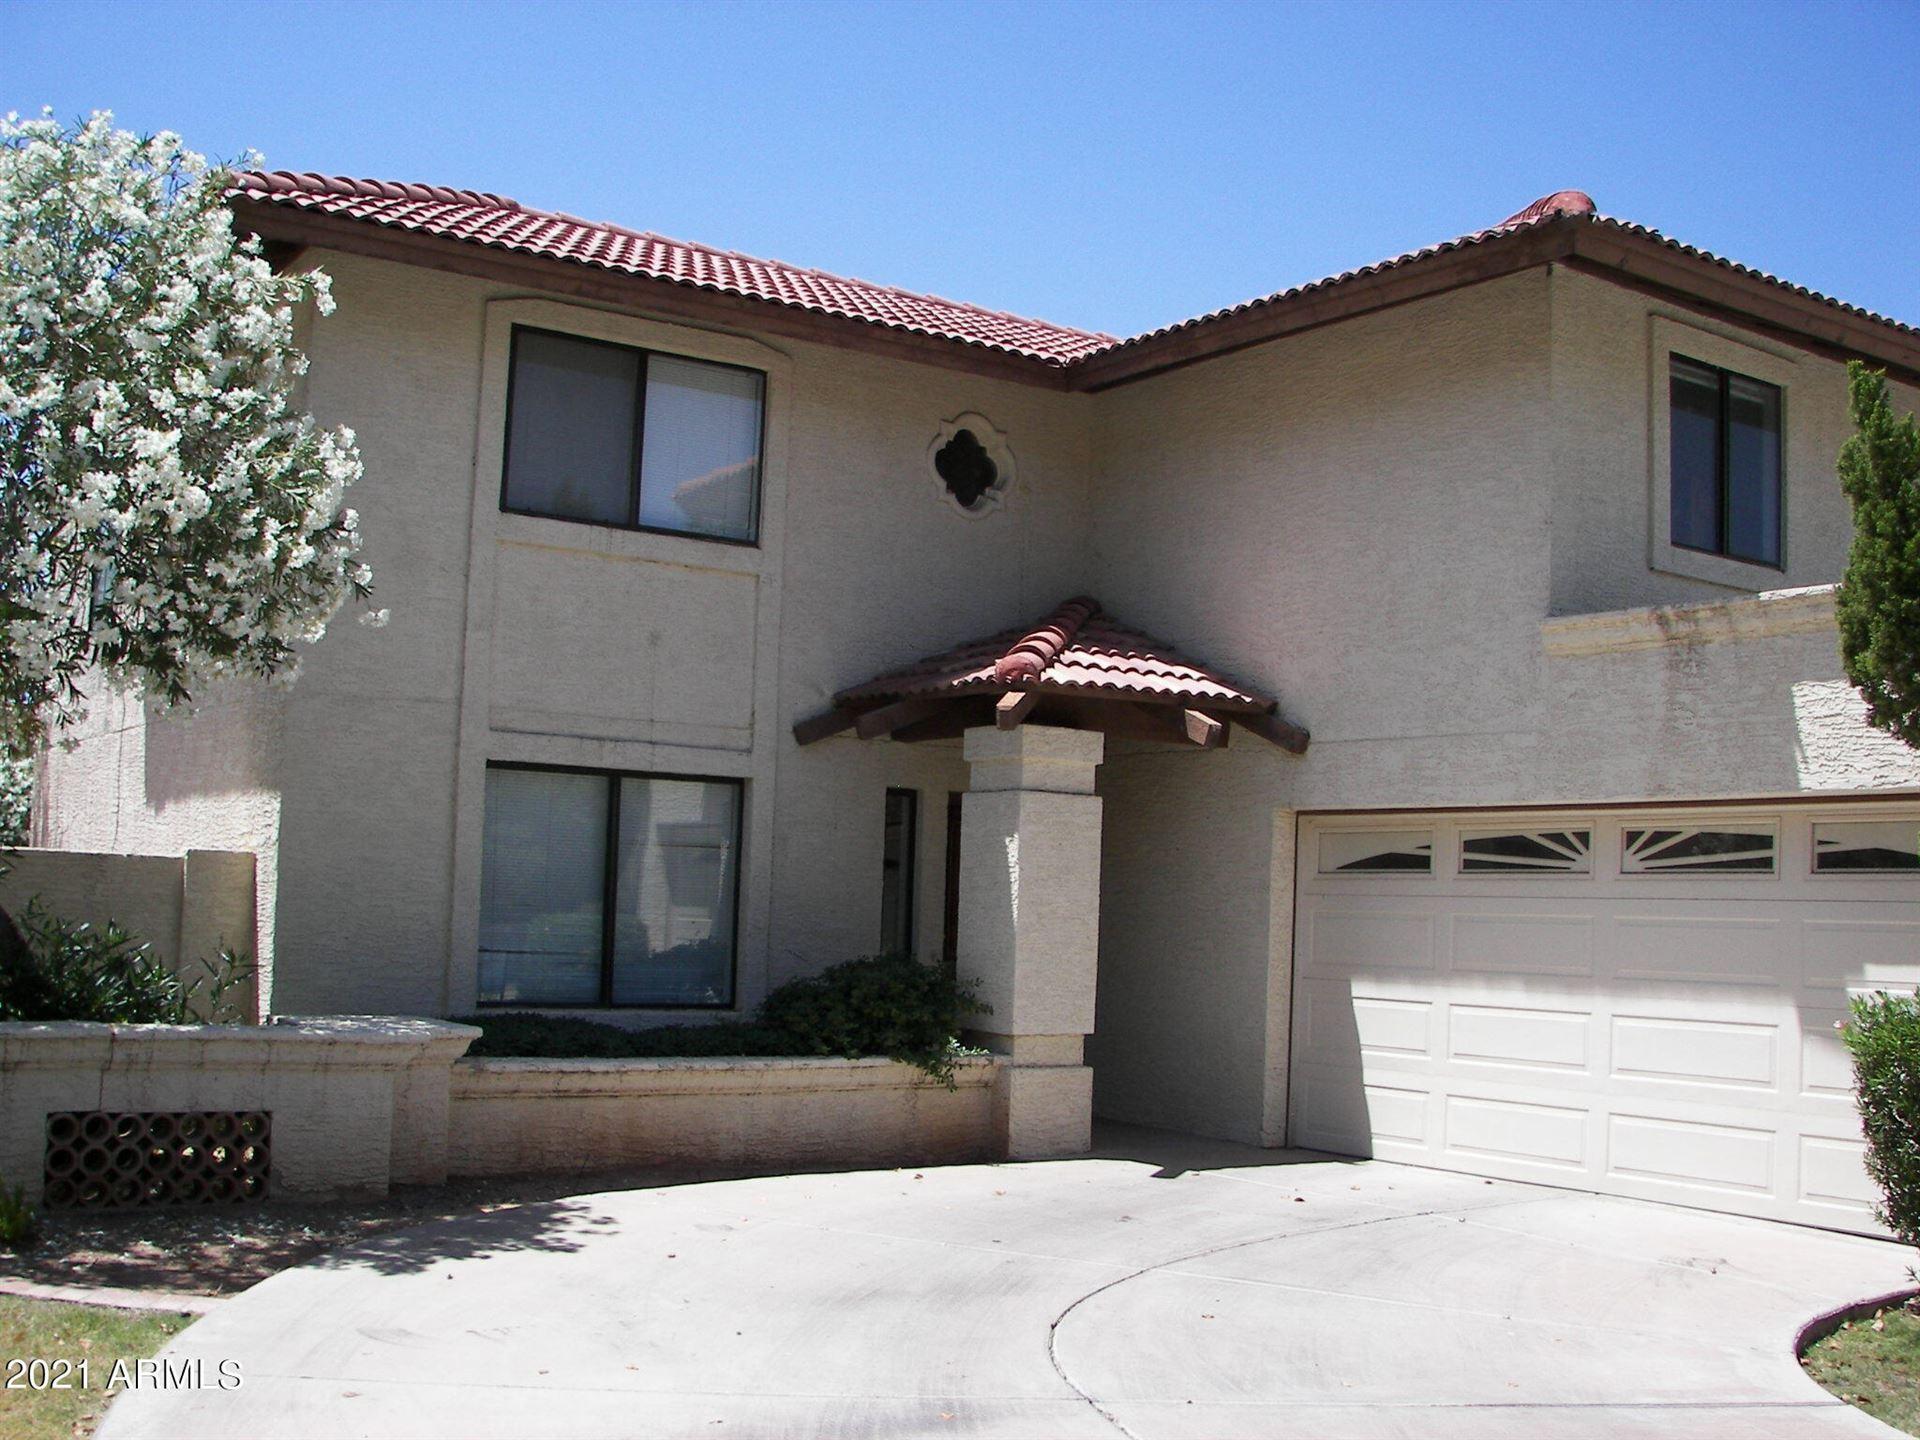 231 E KROLL Drive, Gilbert, AZ 85234 - MLS#: 6286984